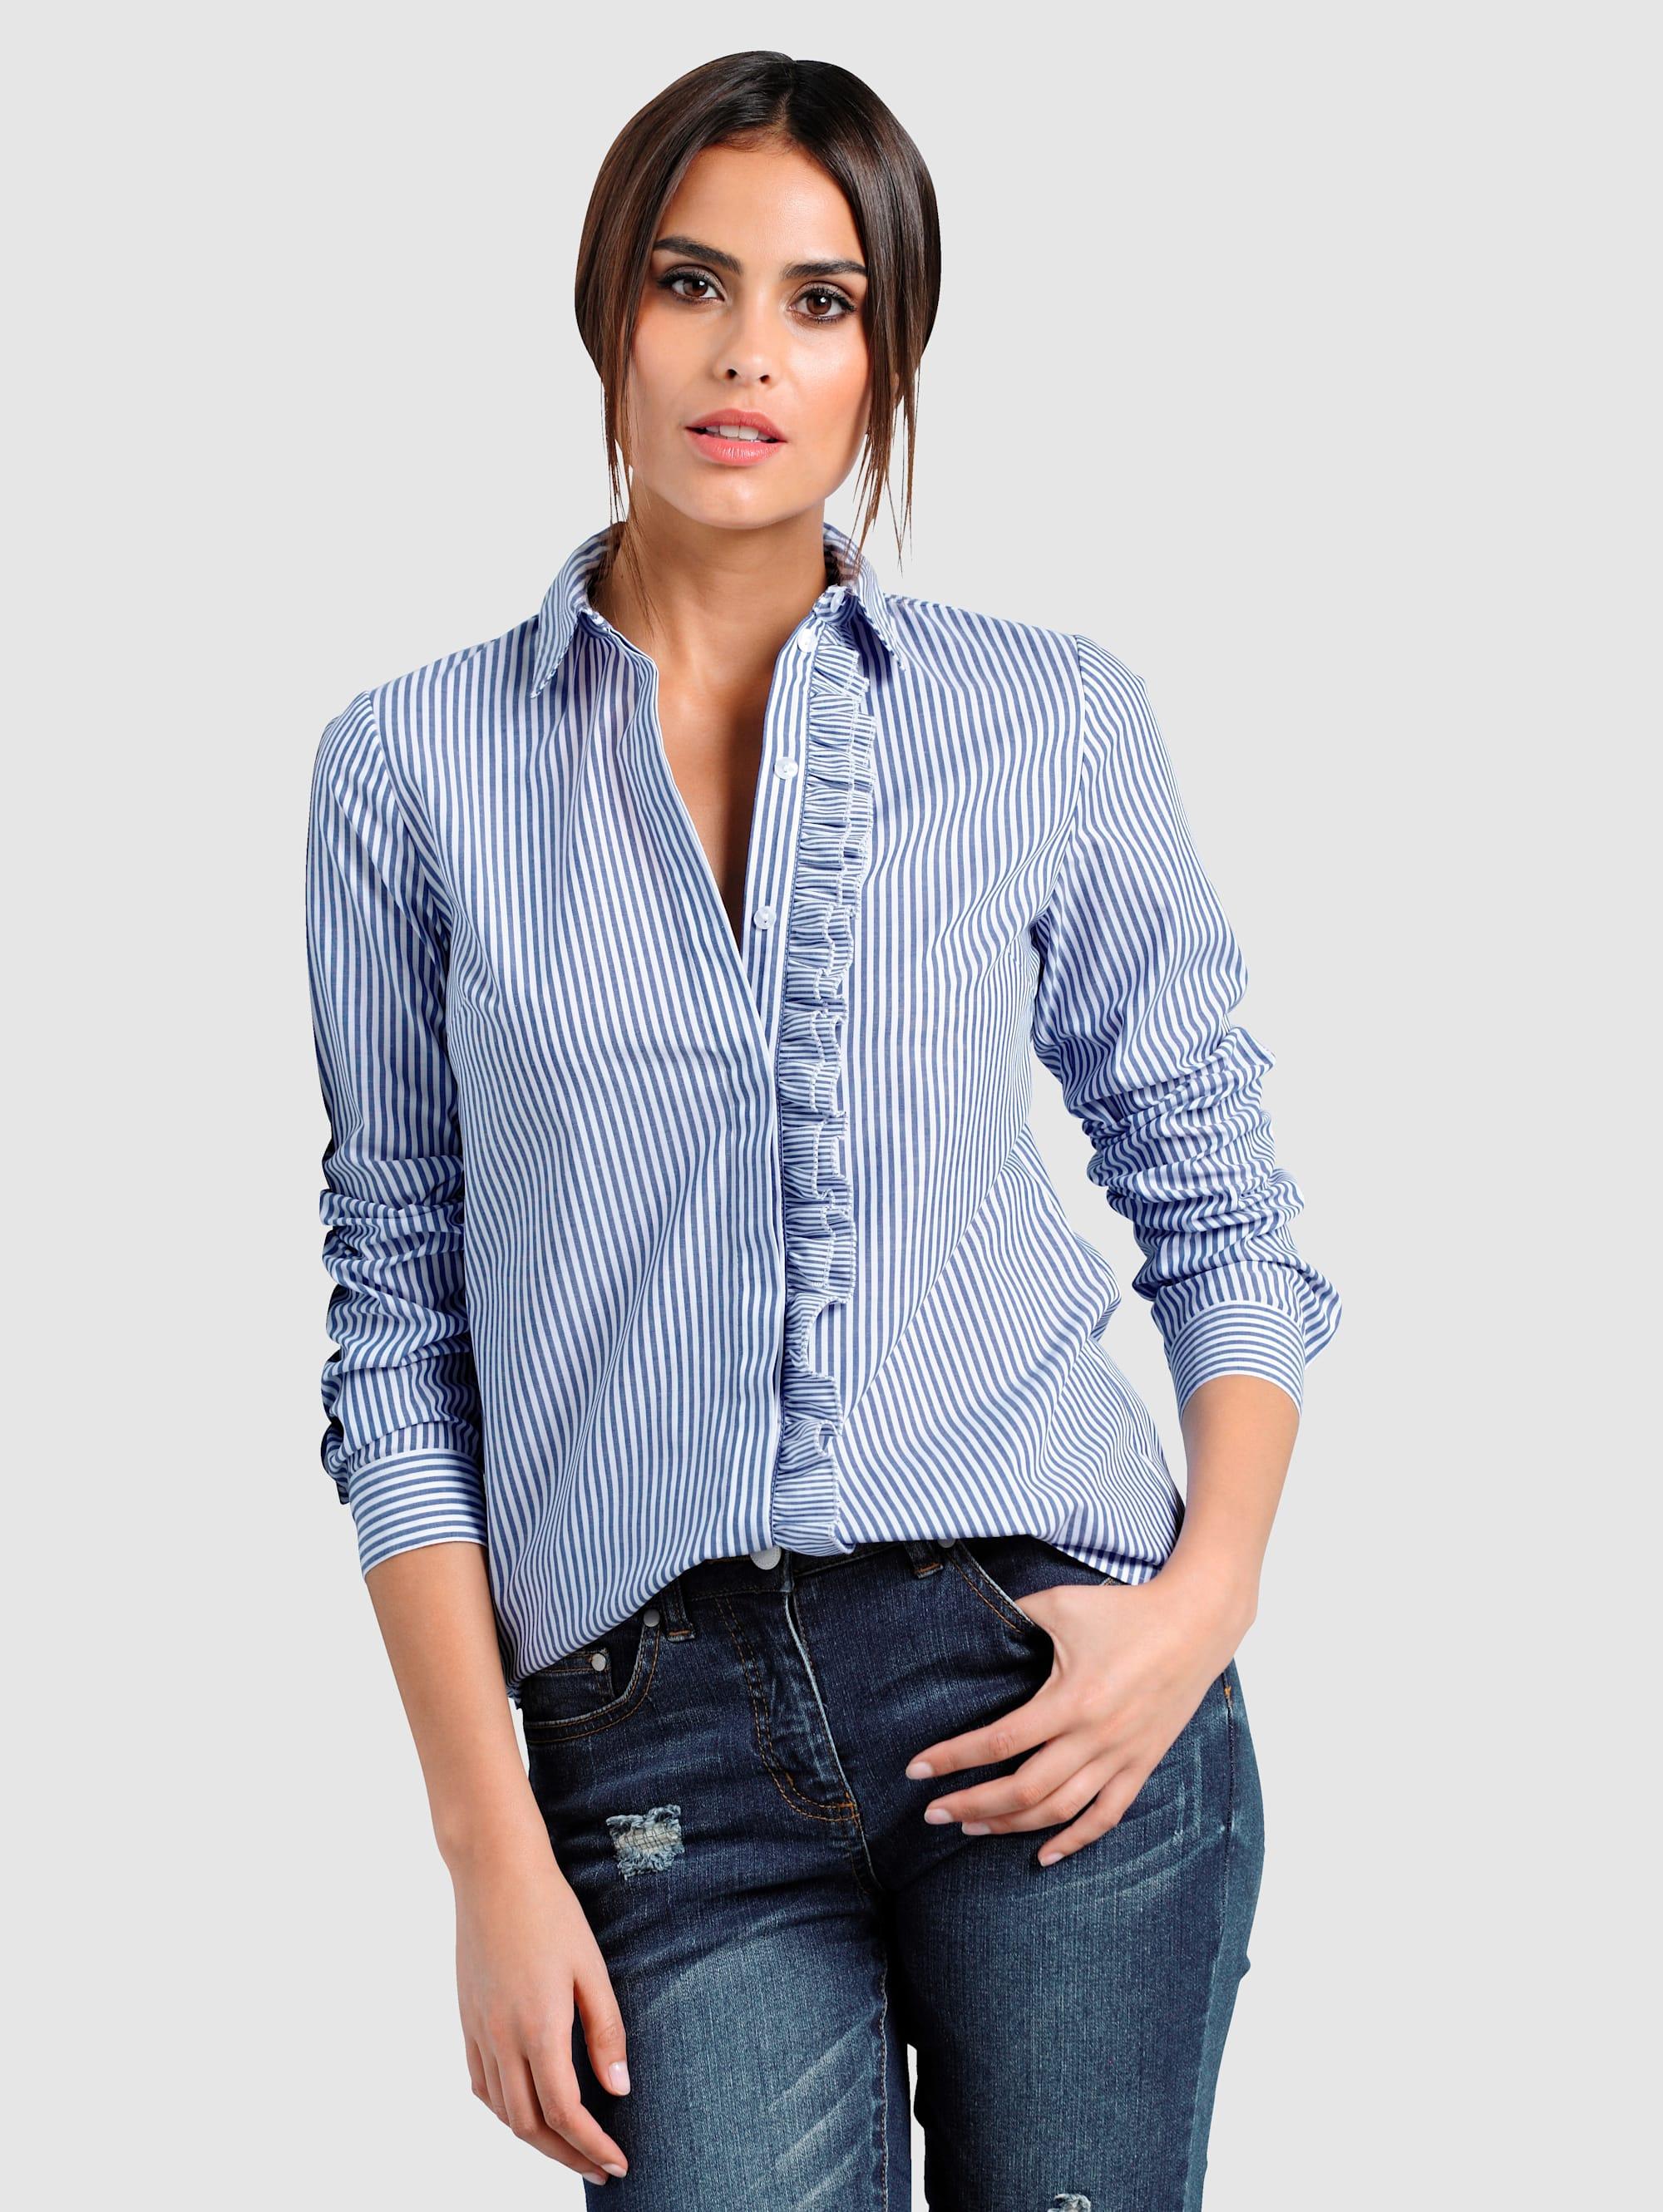 Alba Moda Bluse mit Rüschen Y9eIE Jh5c0